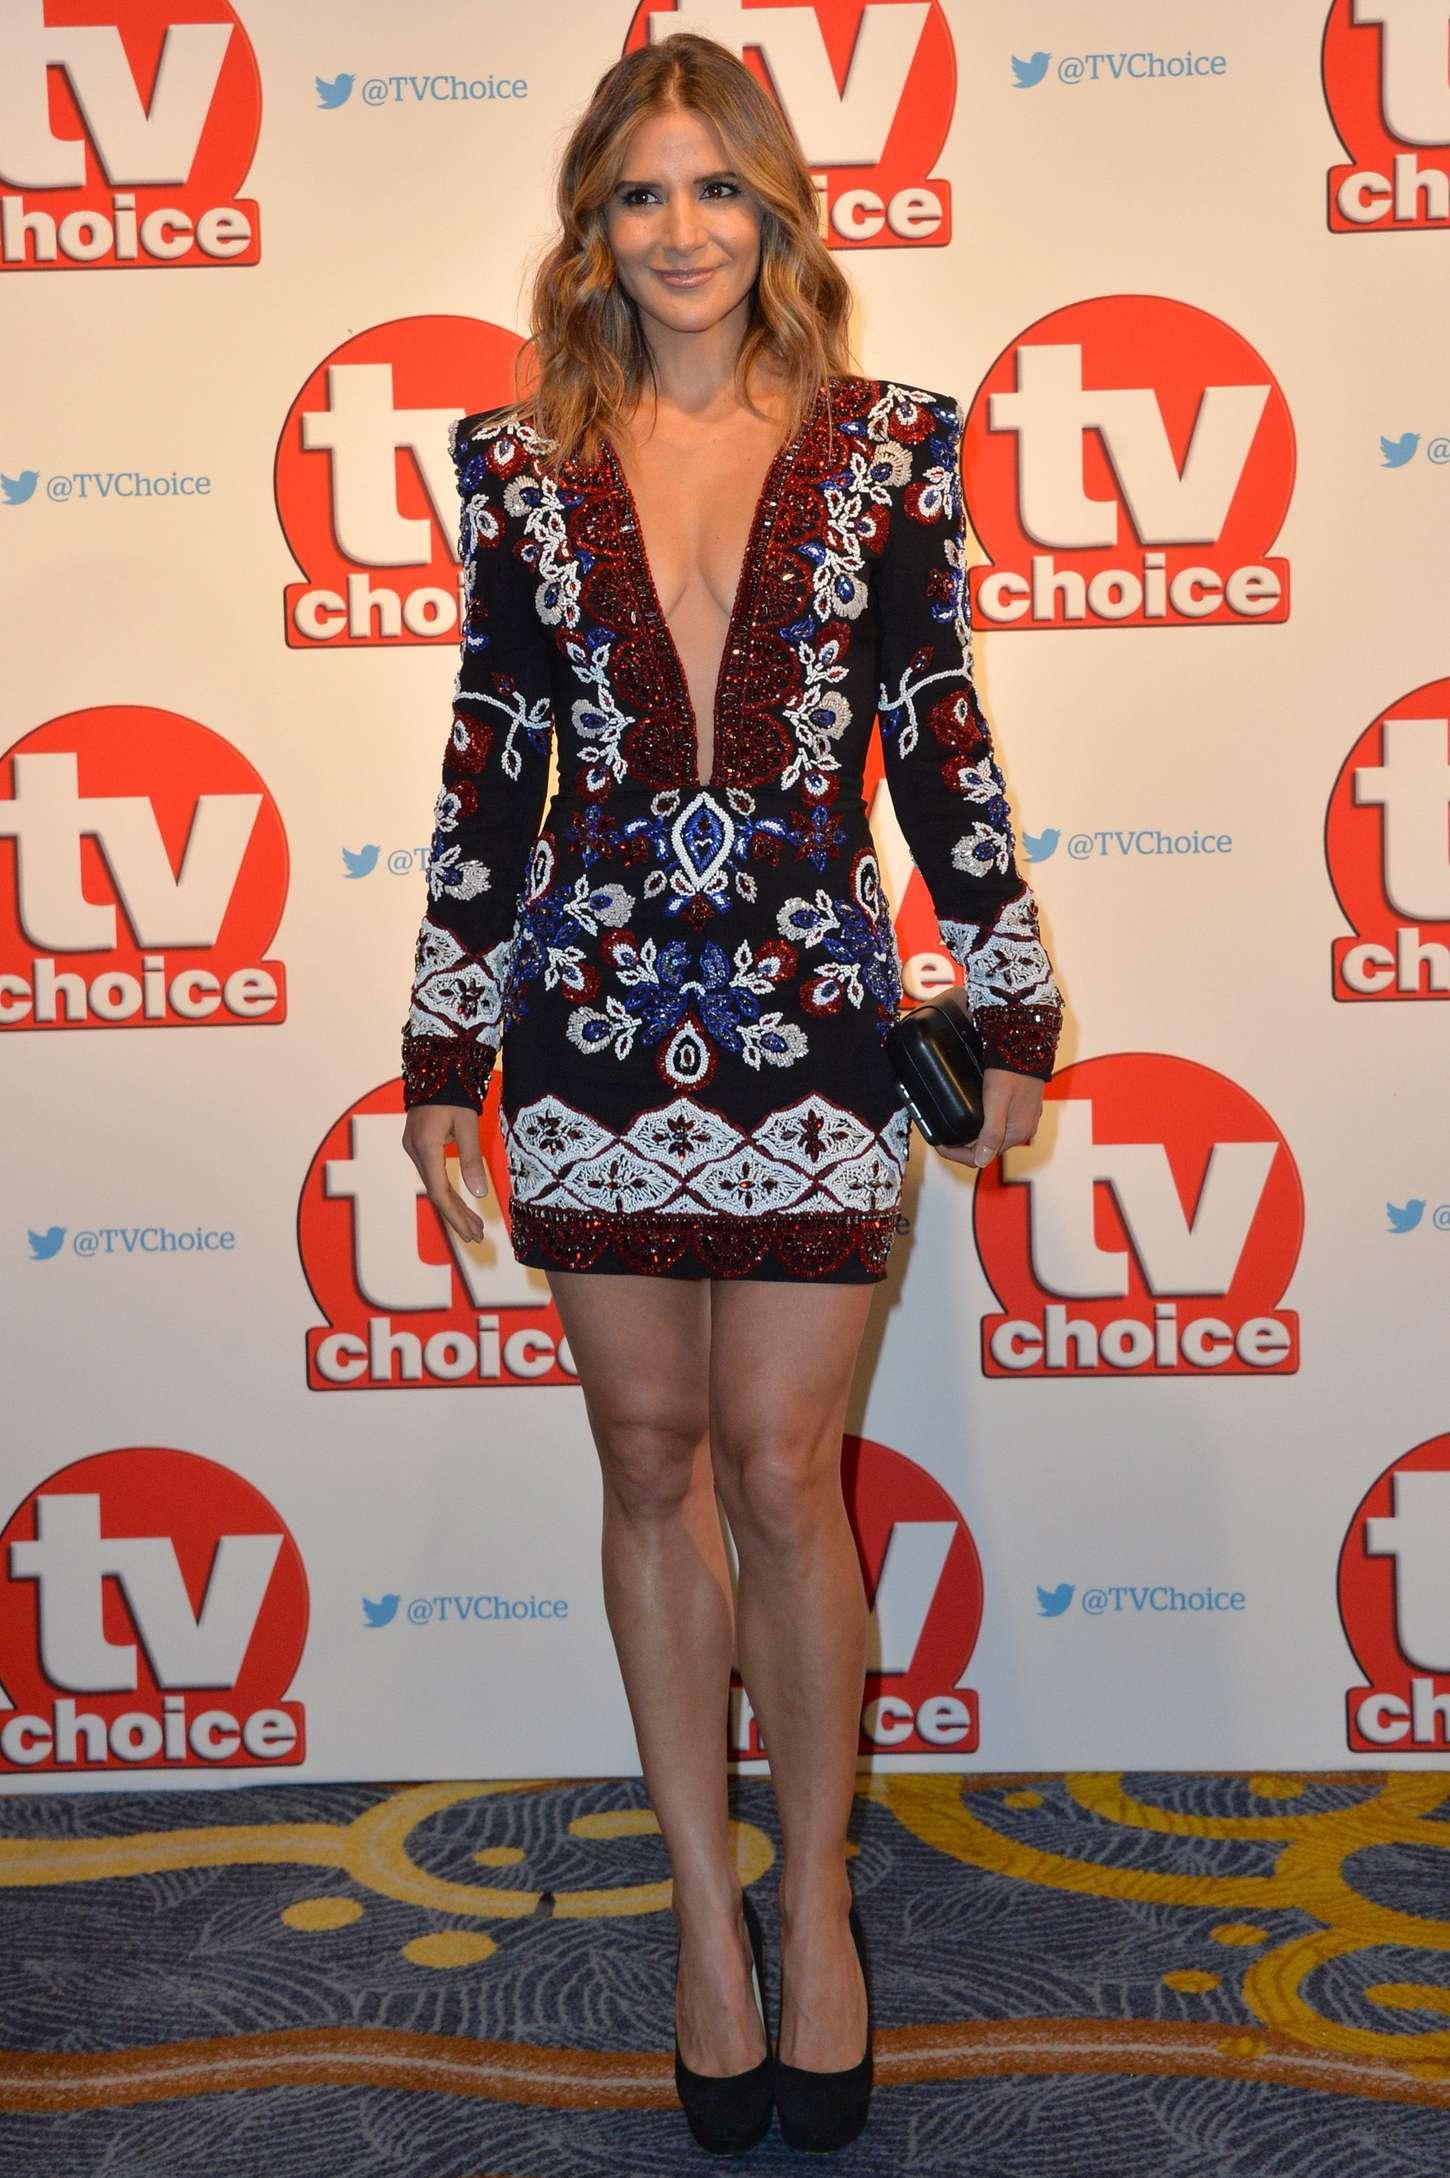 Amanda Byram TV Choice Awards in London